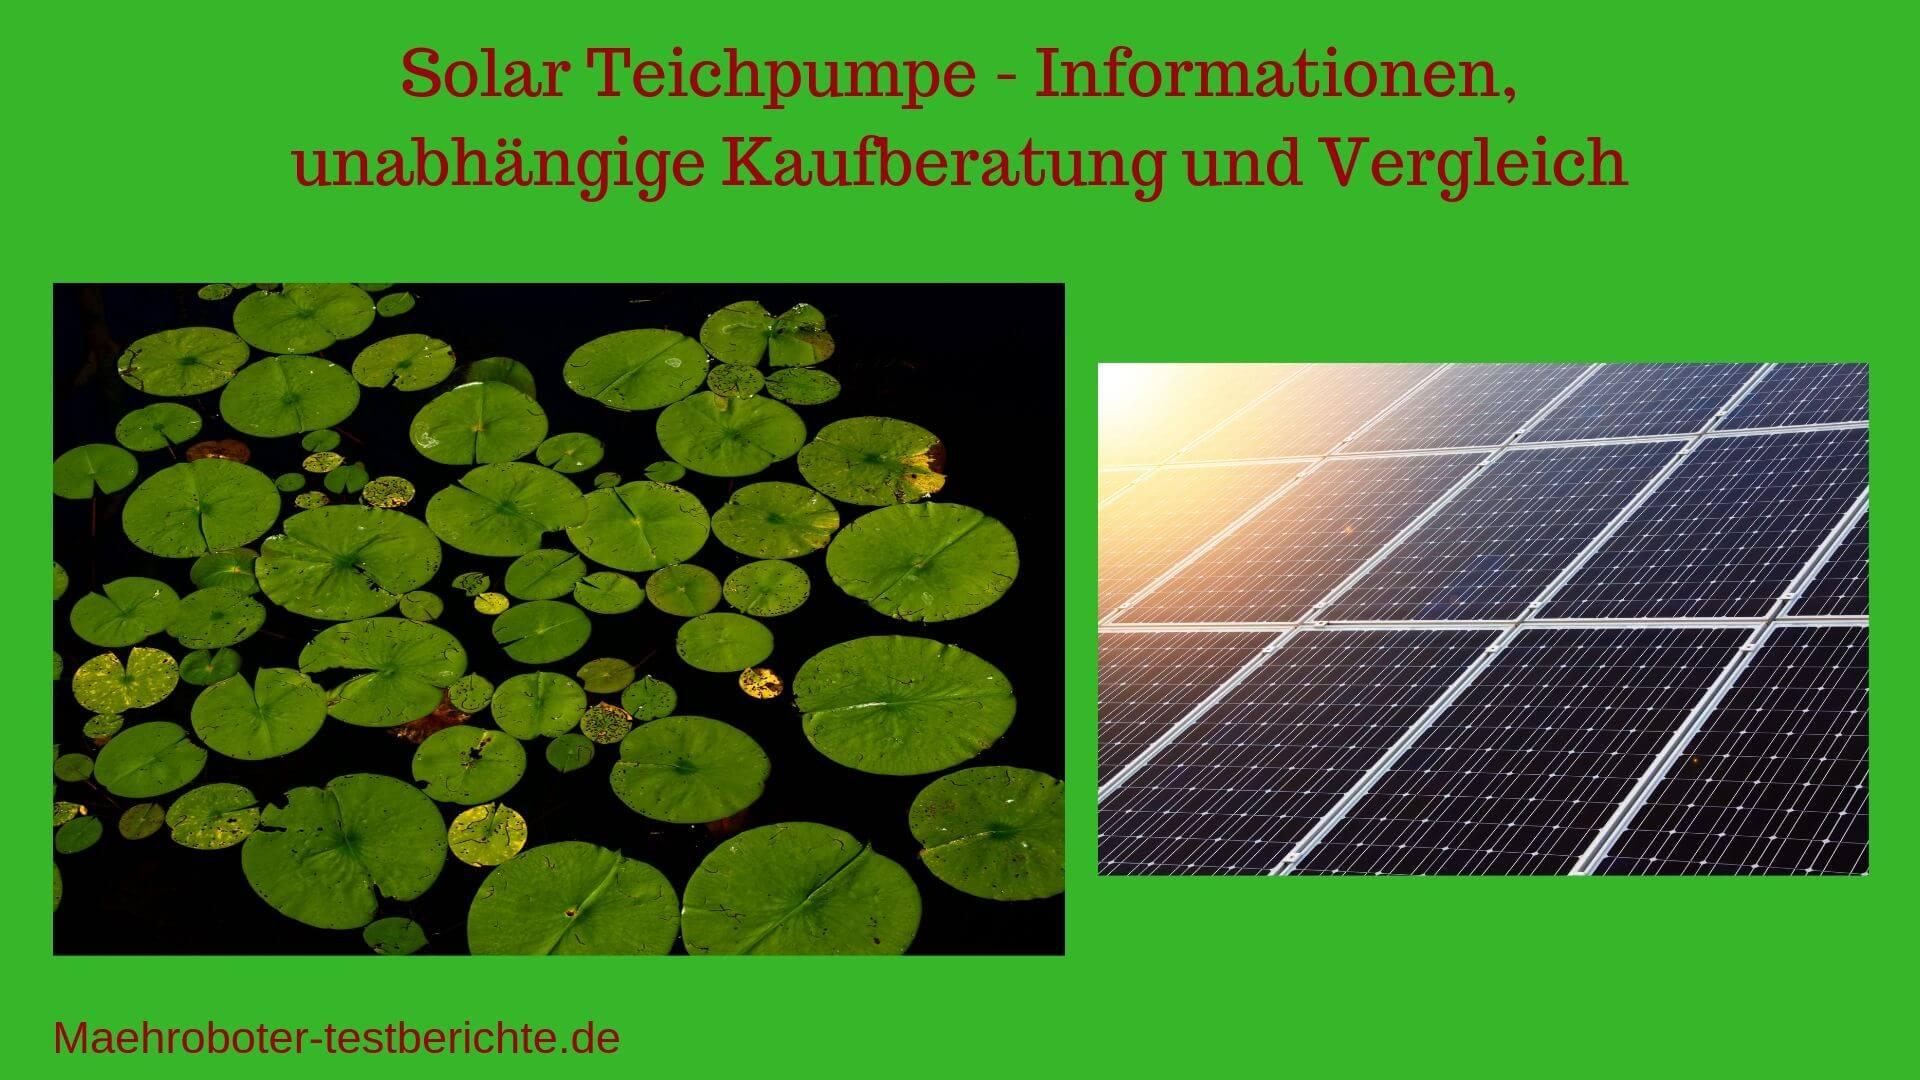 Full Size of Solar Springbrunnen Bei Obi Garten Solarbrunnen Teich Pumpe Teichpumpe Test 2020 Besten 7 Teichpumpen Im Vergleich Regale Nobilia Küche Immobilien Bad Homburg Wohnzimmer Solar Springbrunnen Obi